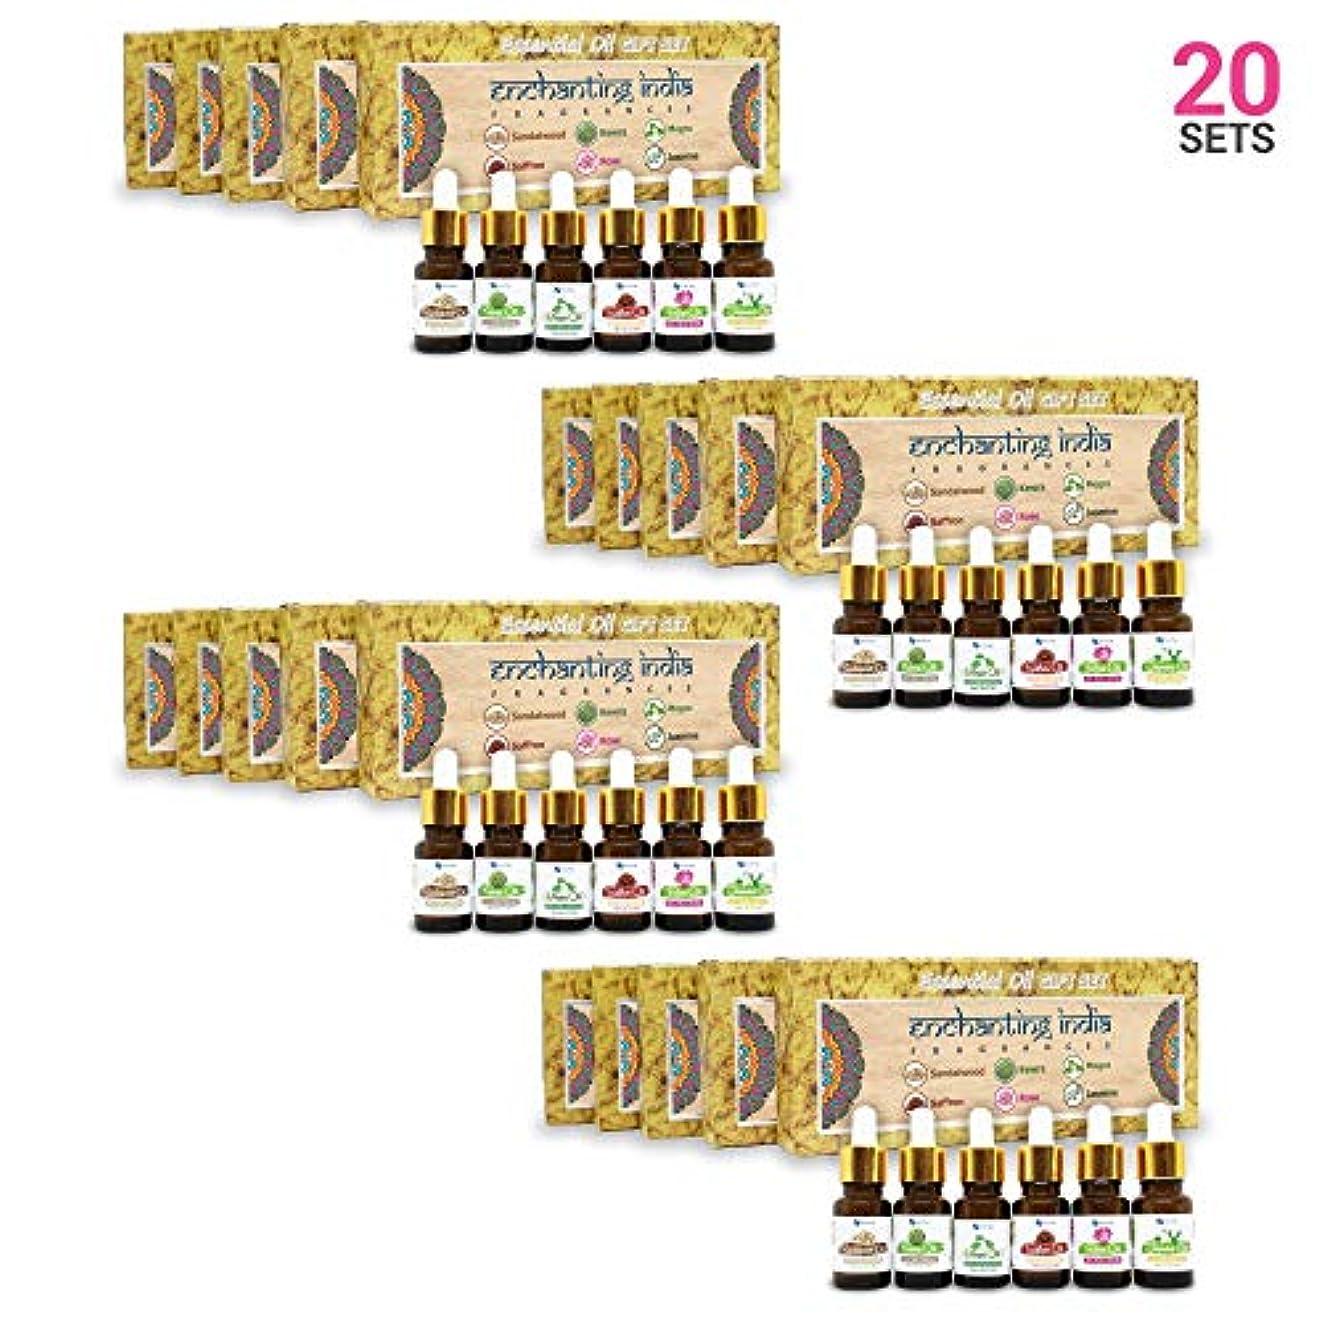 出会いびっくりする安全なAromatherapy Fragrance Oils (Set of 20) - 100% Pure & Natural Therapeutic Essential Oils, 10ml each (Sandalwood...